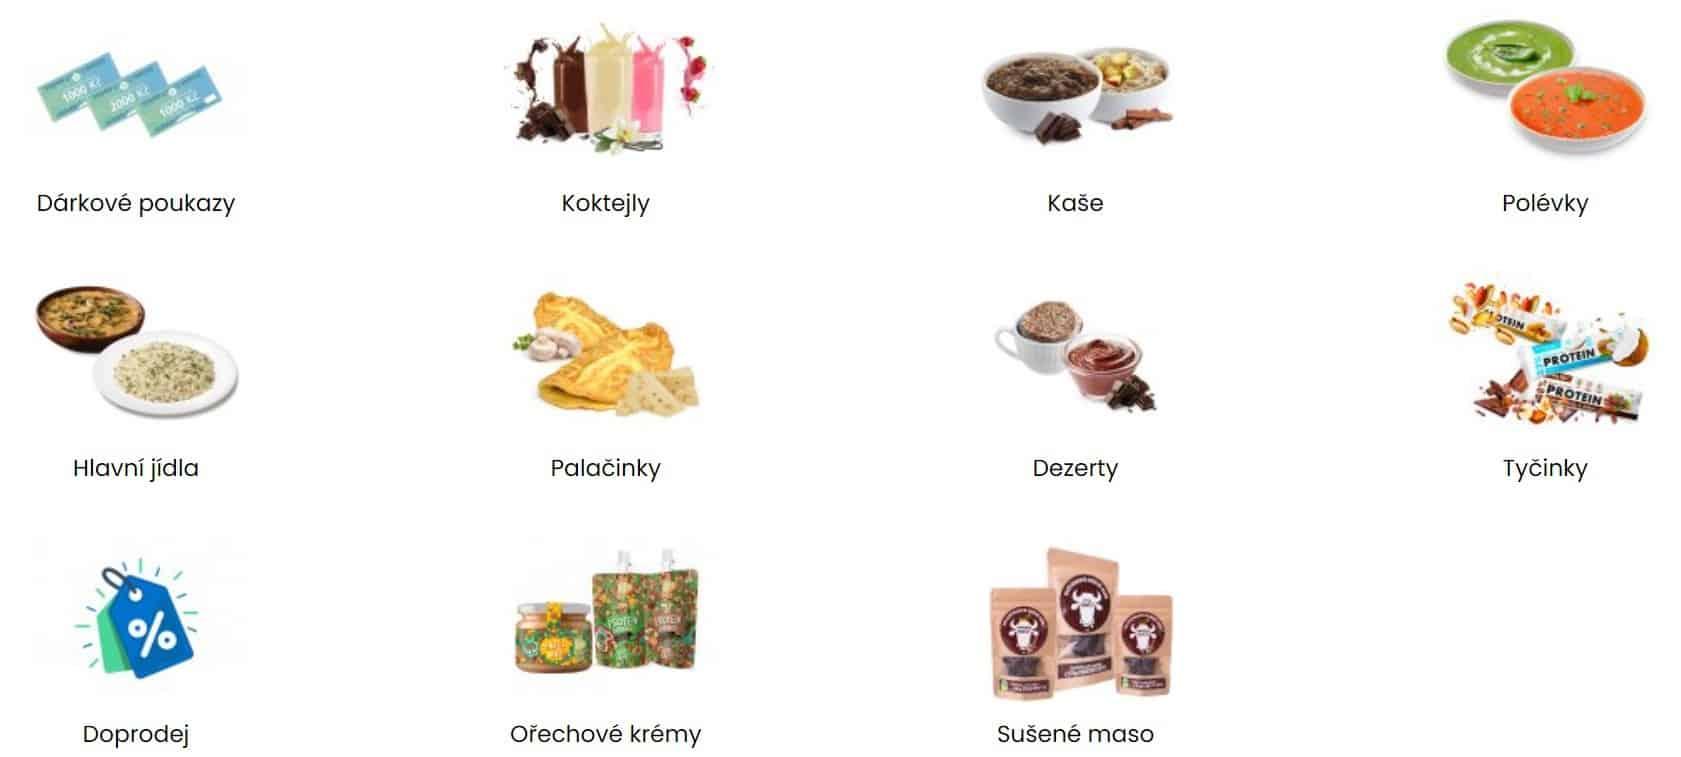 itsmylife nabídka potravin